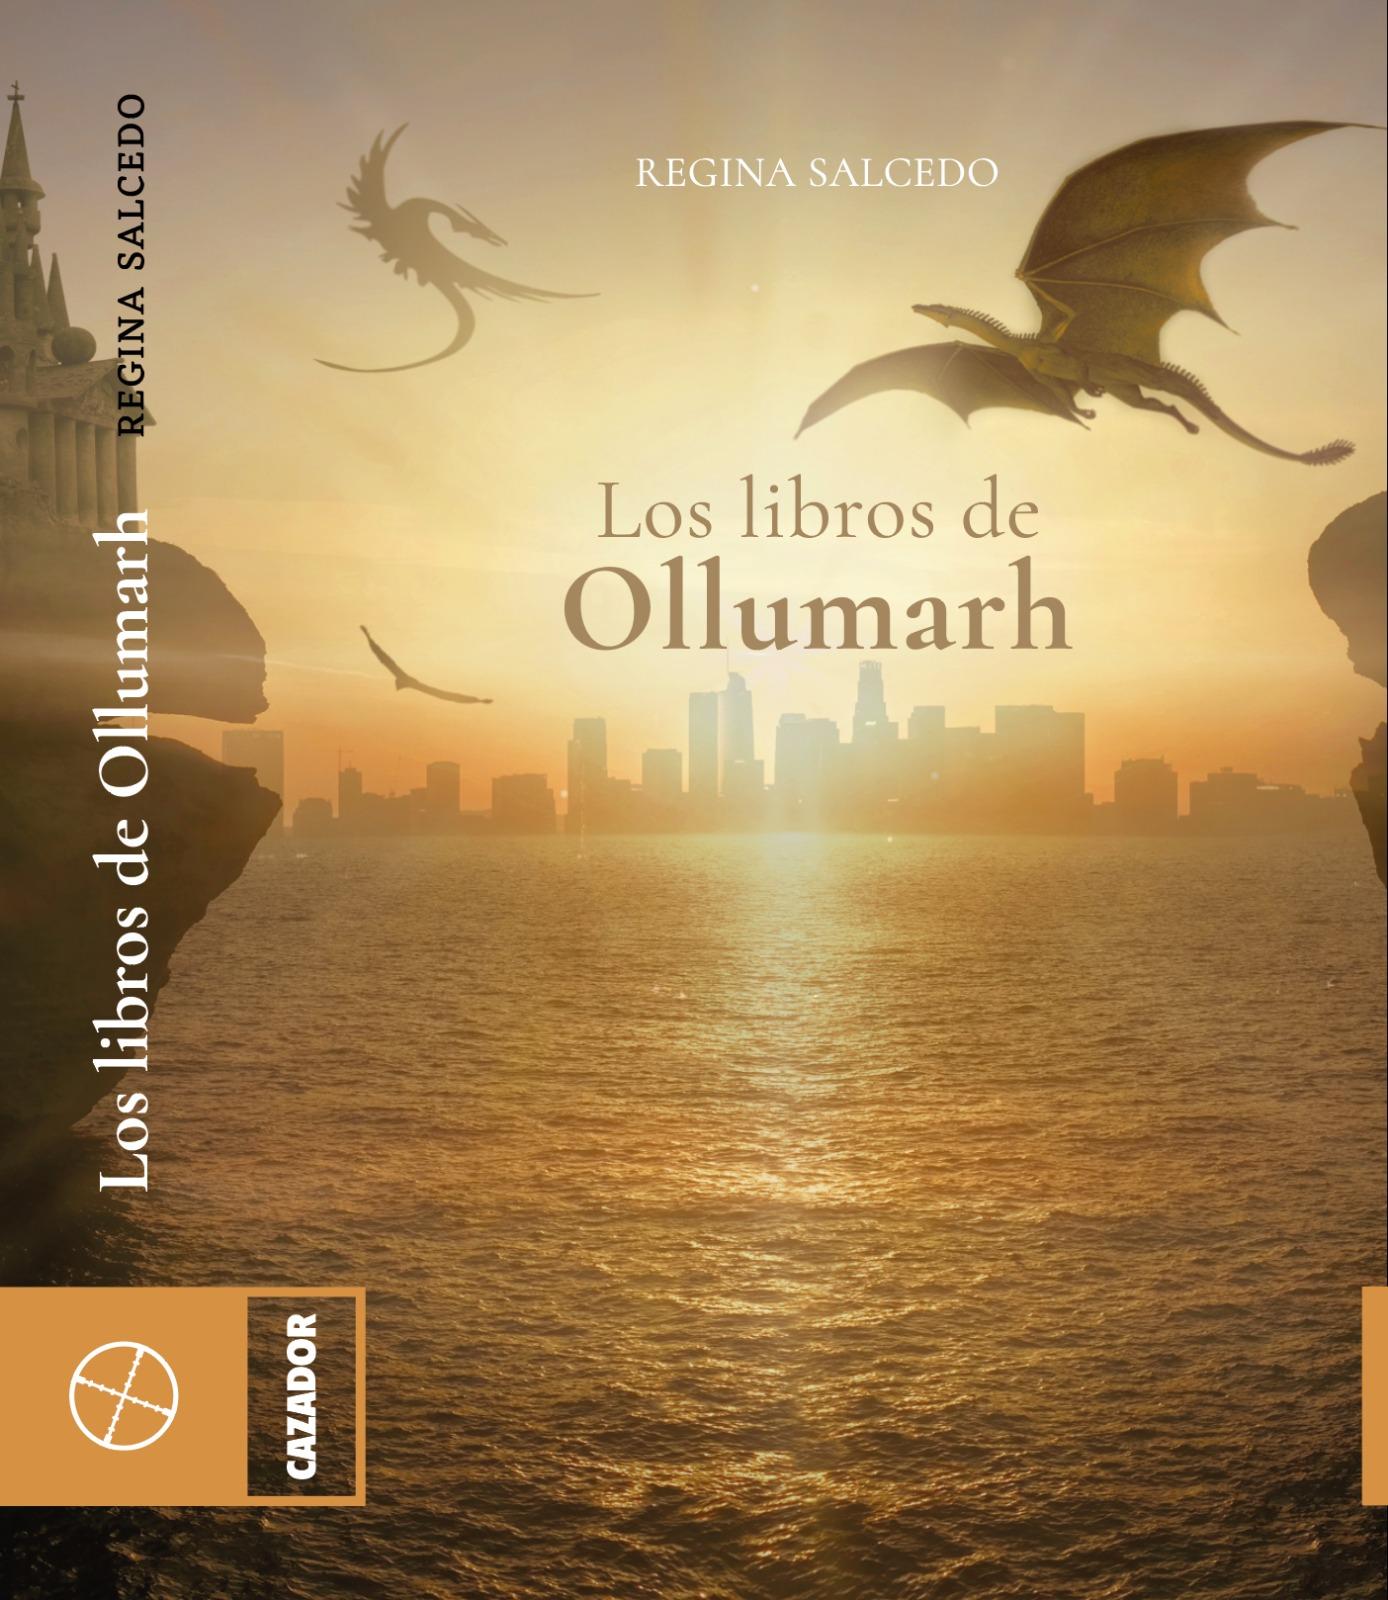 Trilogía: Los libros de Ollumarh